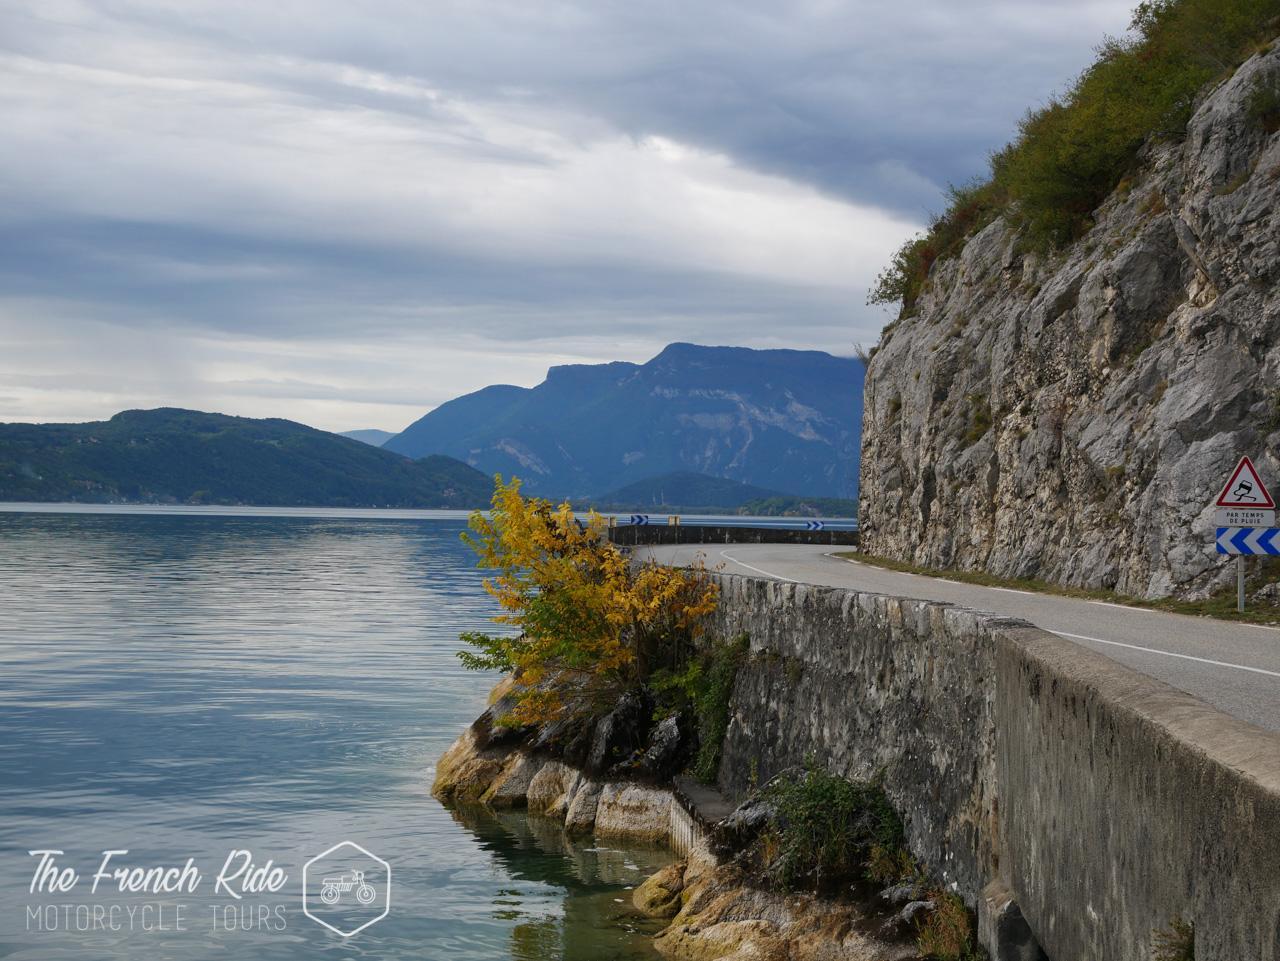 balades moto jura, week-end moto alpes, itinéraire moto savoie, road trip et location moto dans les Alpes, le Jura, en Suisse, en France et en Italie.